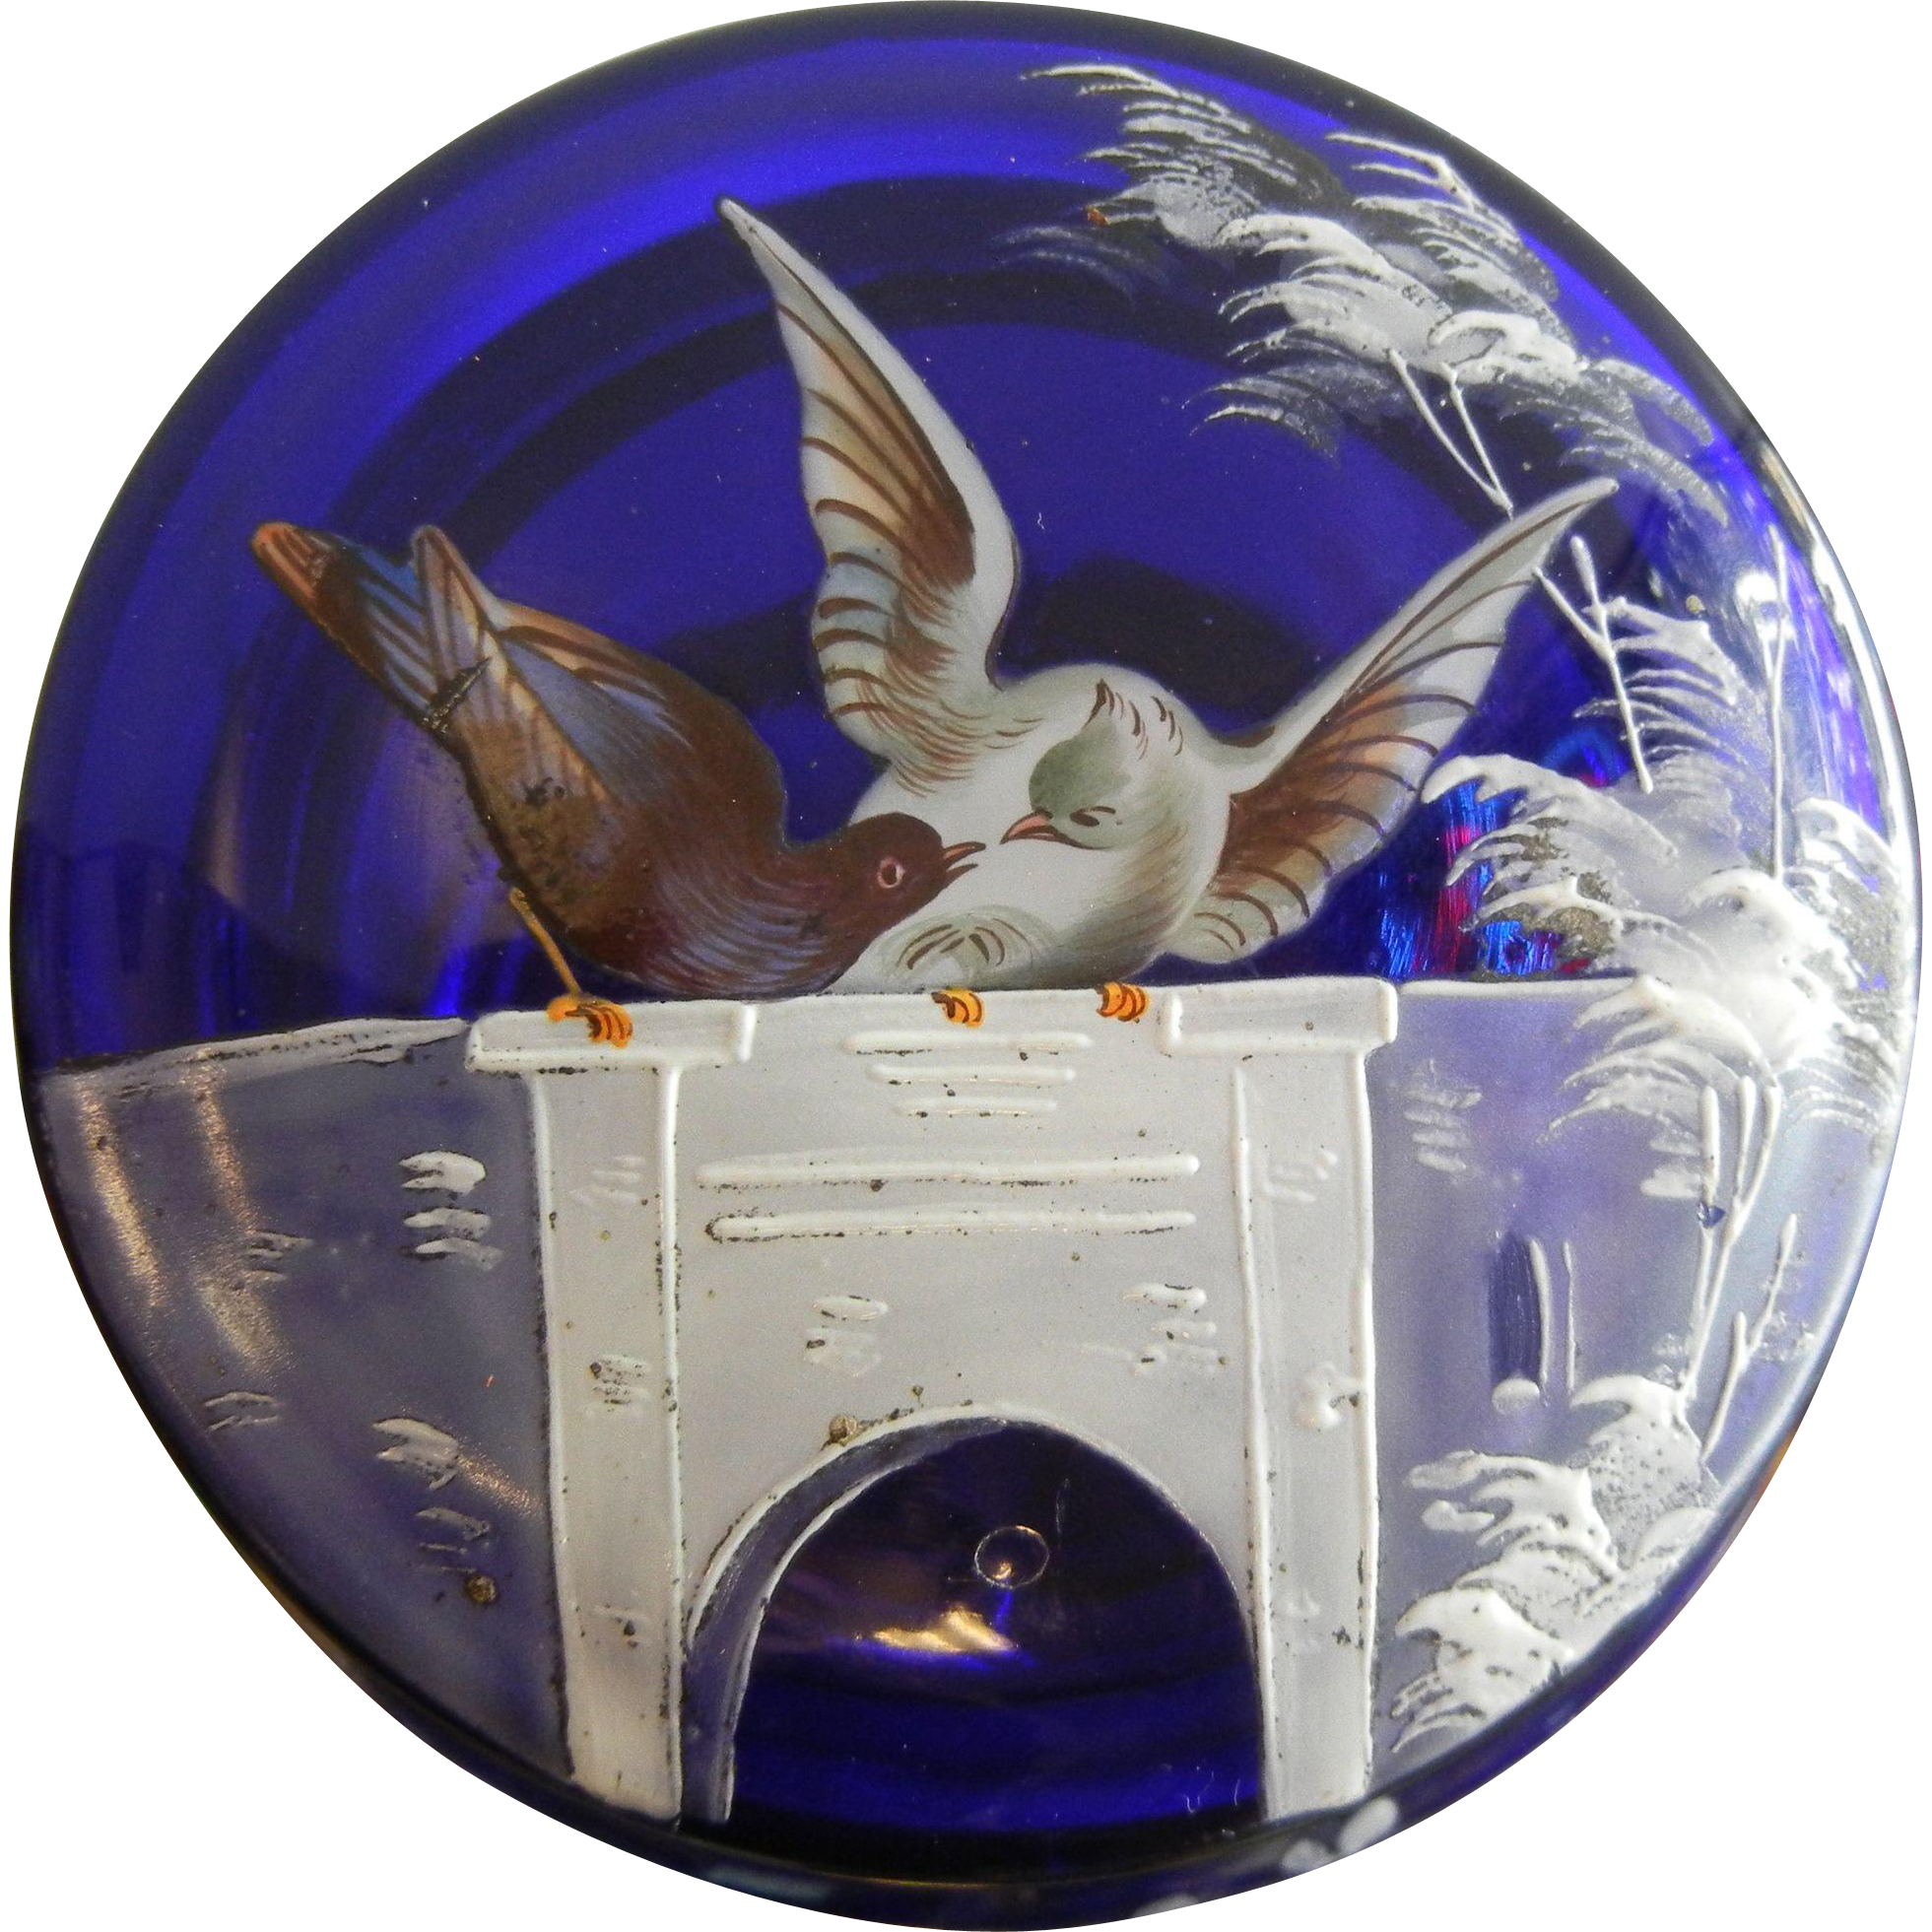 Antique Cobalt Blue Glass Dresser Box w/ Hand Painted Doves and Bridge Decor